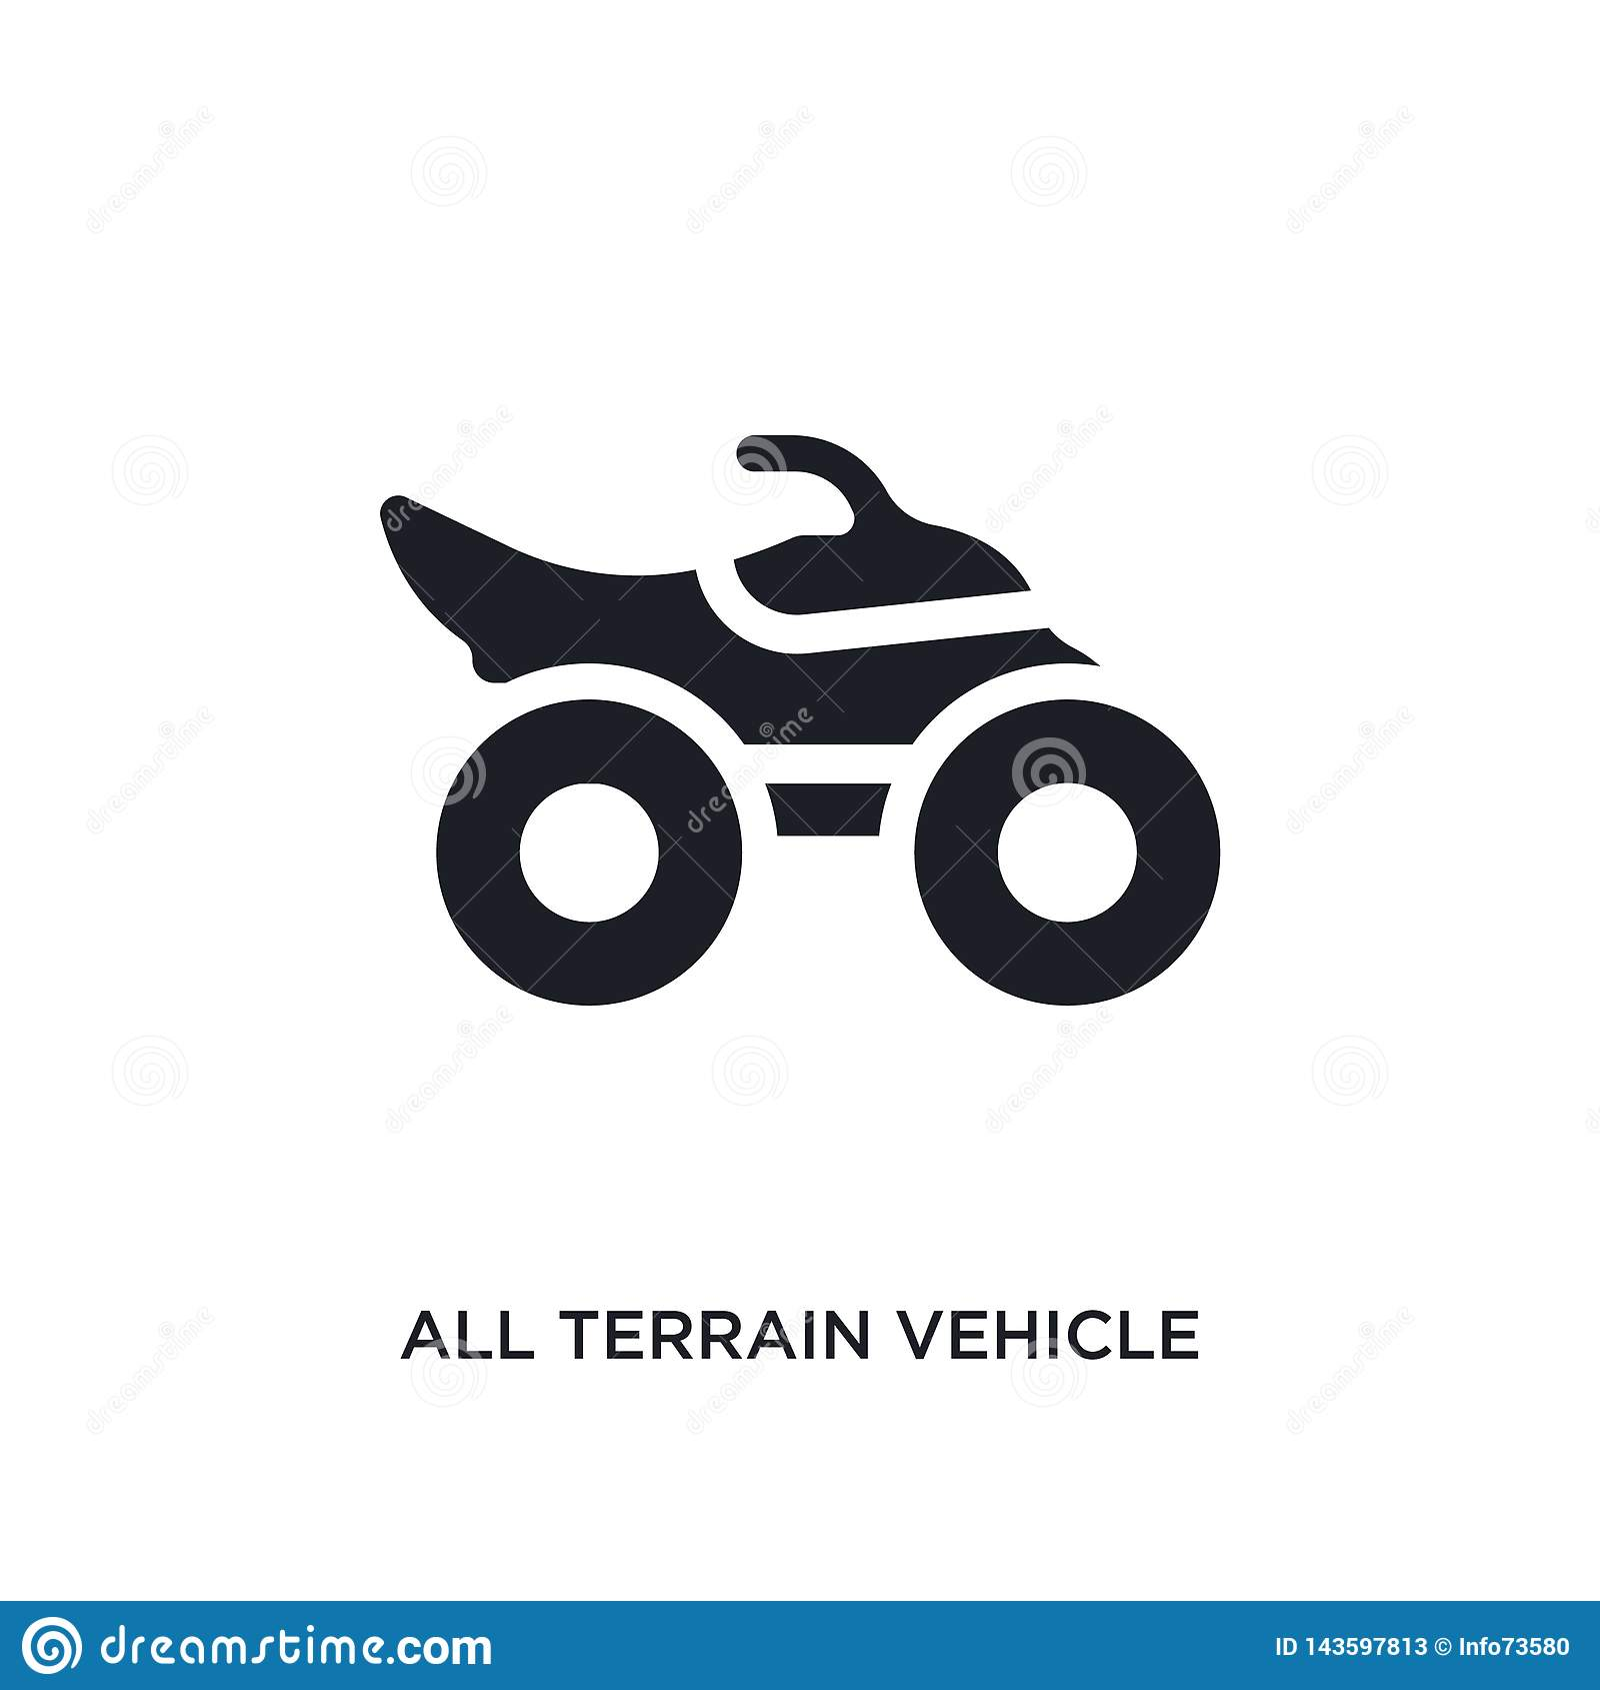 Preto todo o ícone isolado veículo do vetor do terreno ilustração simples do elemento dos ícones do vetor do conceito do transpor